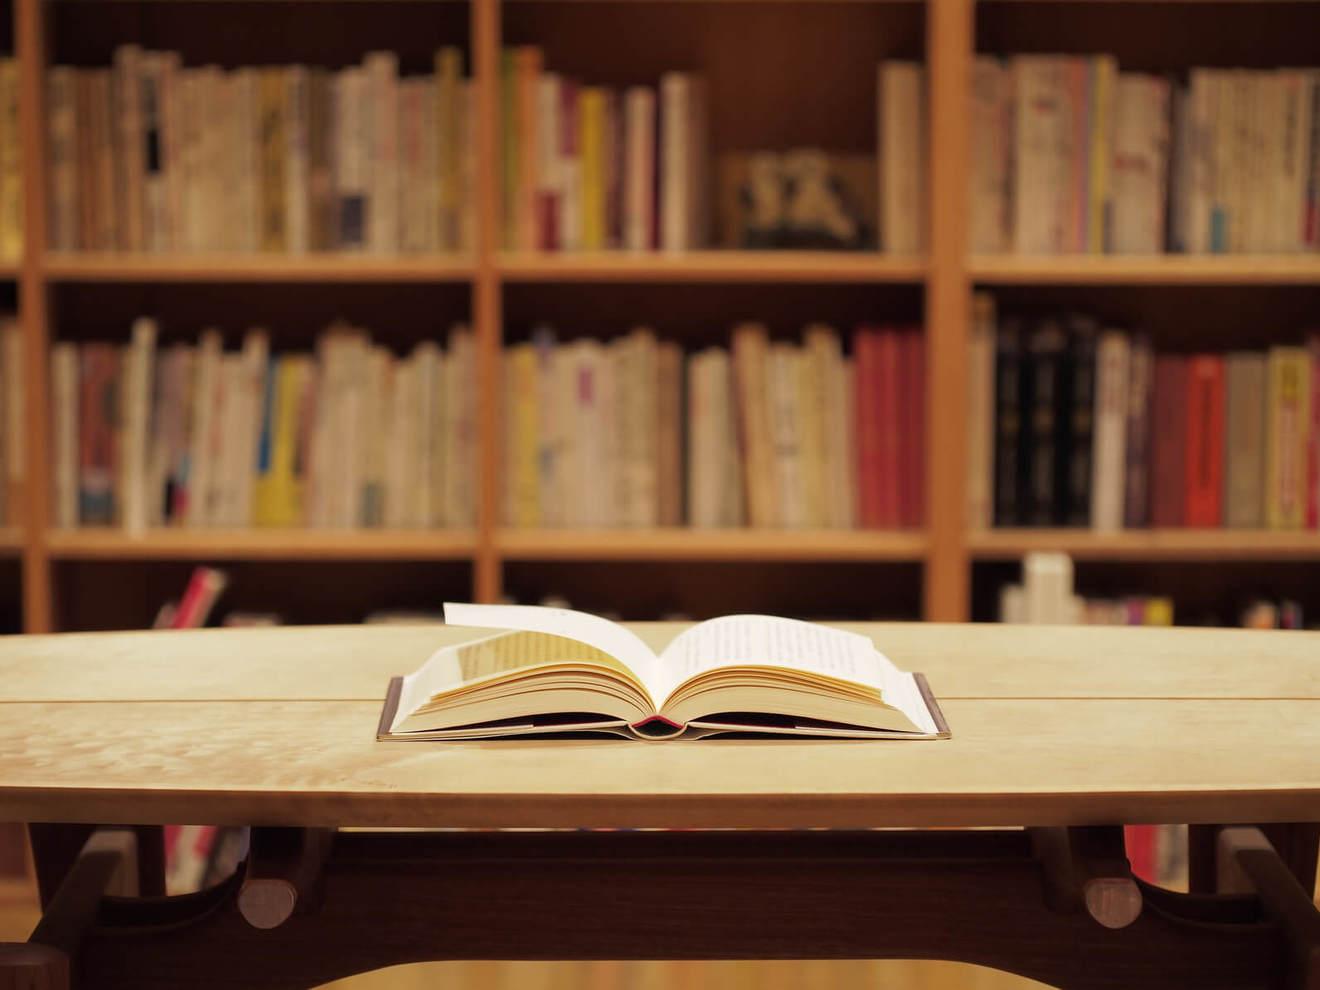 ジョン・アーヴィングのおすすめ小説5選!村上春樹が翻訳した本も